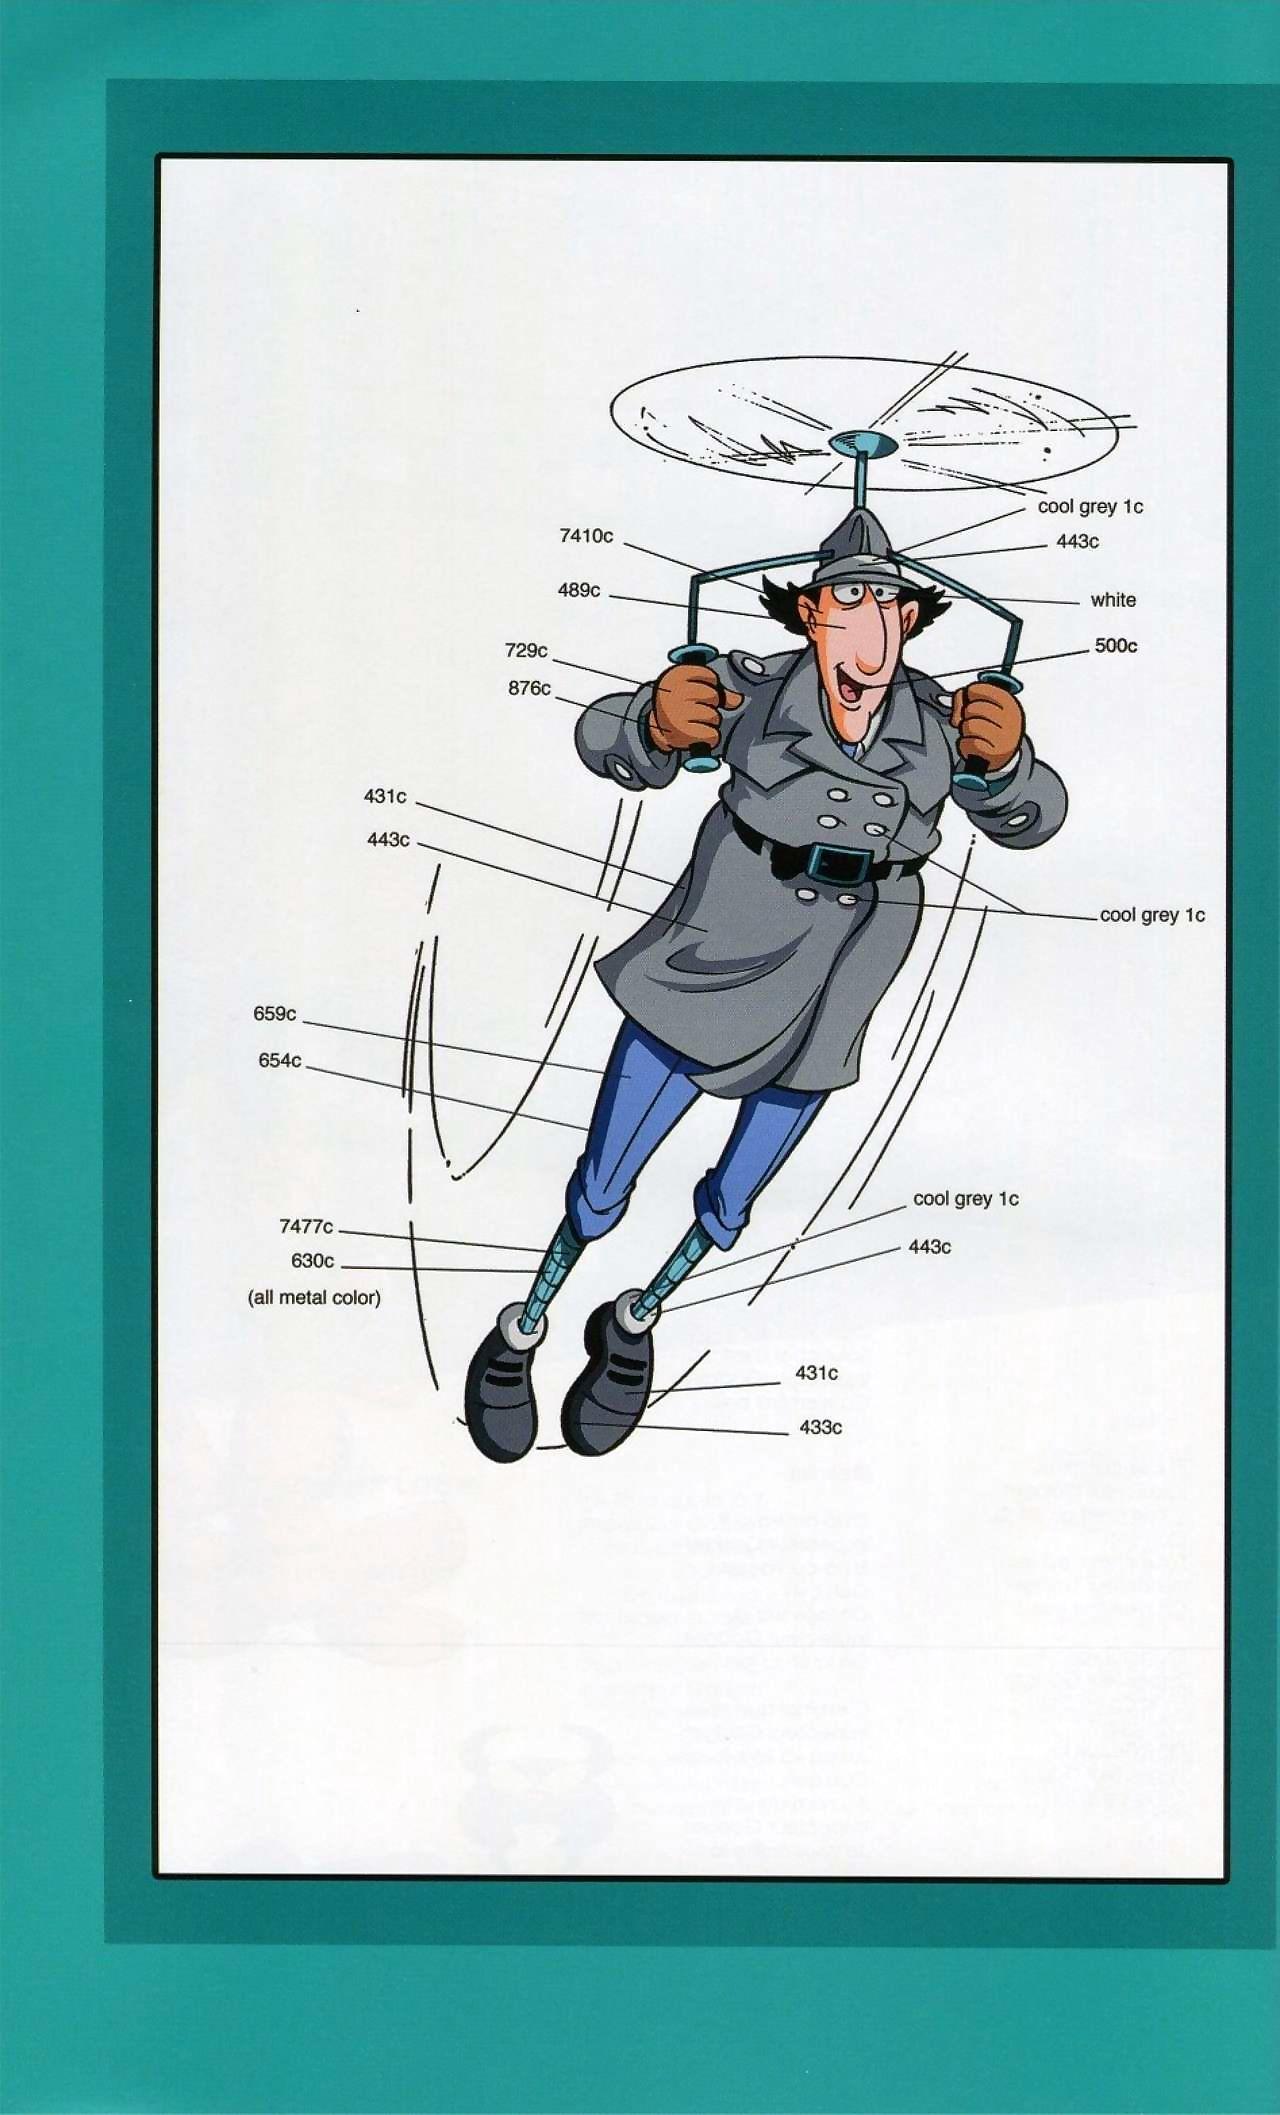 Inspector Equipment Artbook - affixing 2